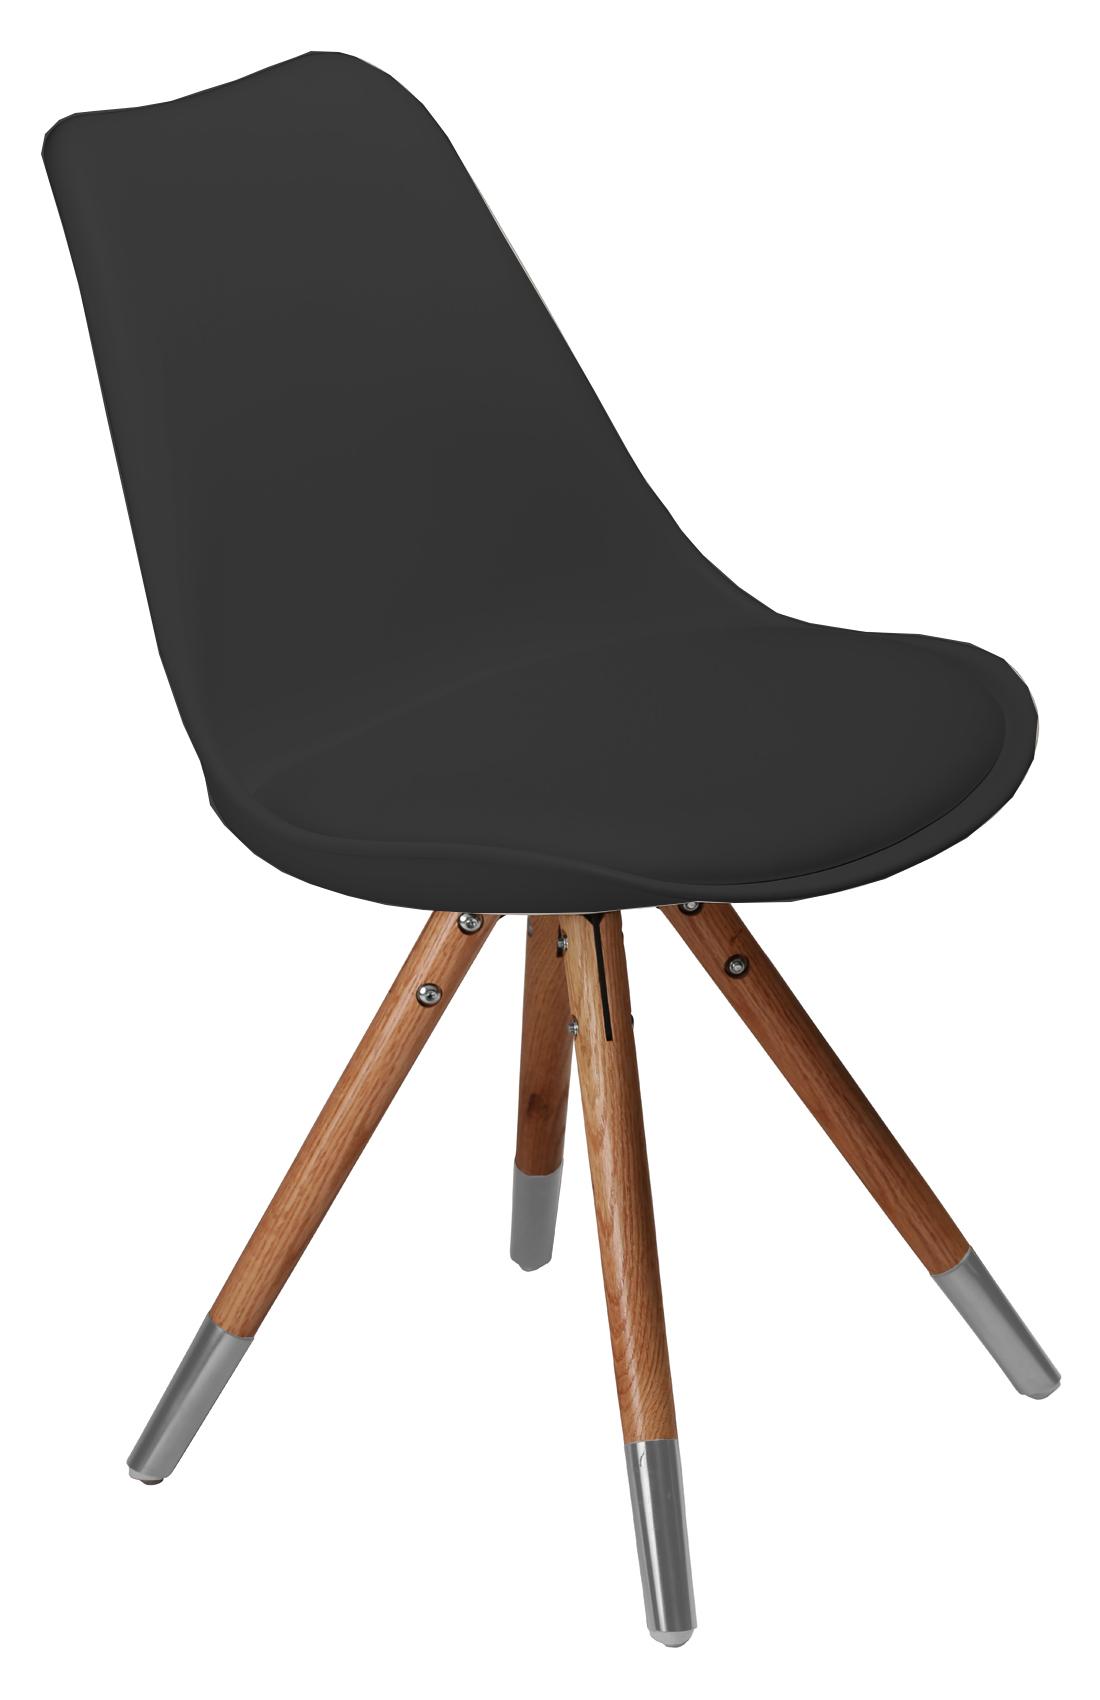 Designer Sofa Fliegenden Teppich Ahnelt Images. Stunning Design Couchtisch Teppich Alessandro ...